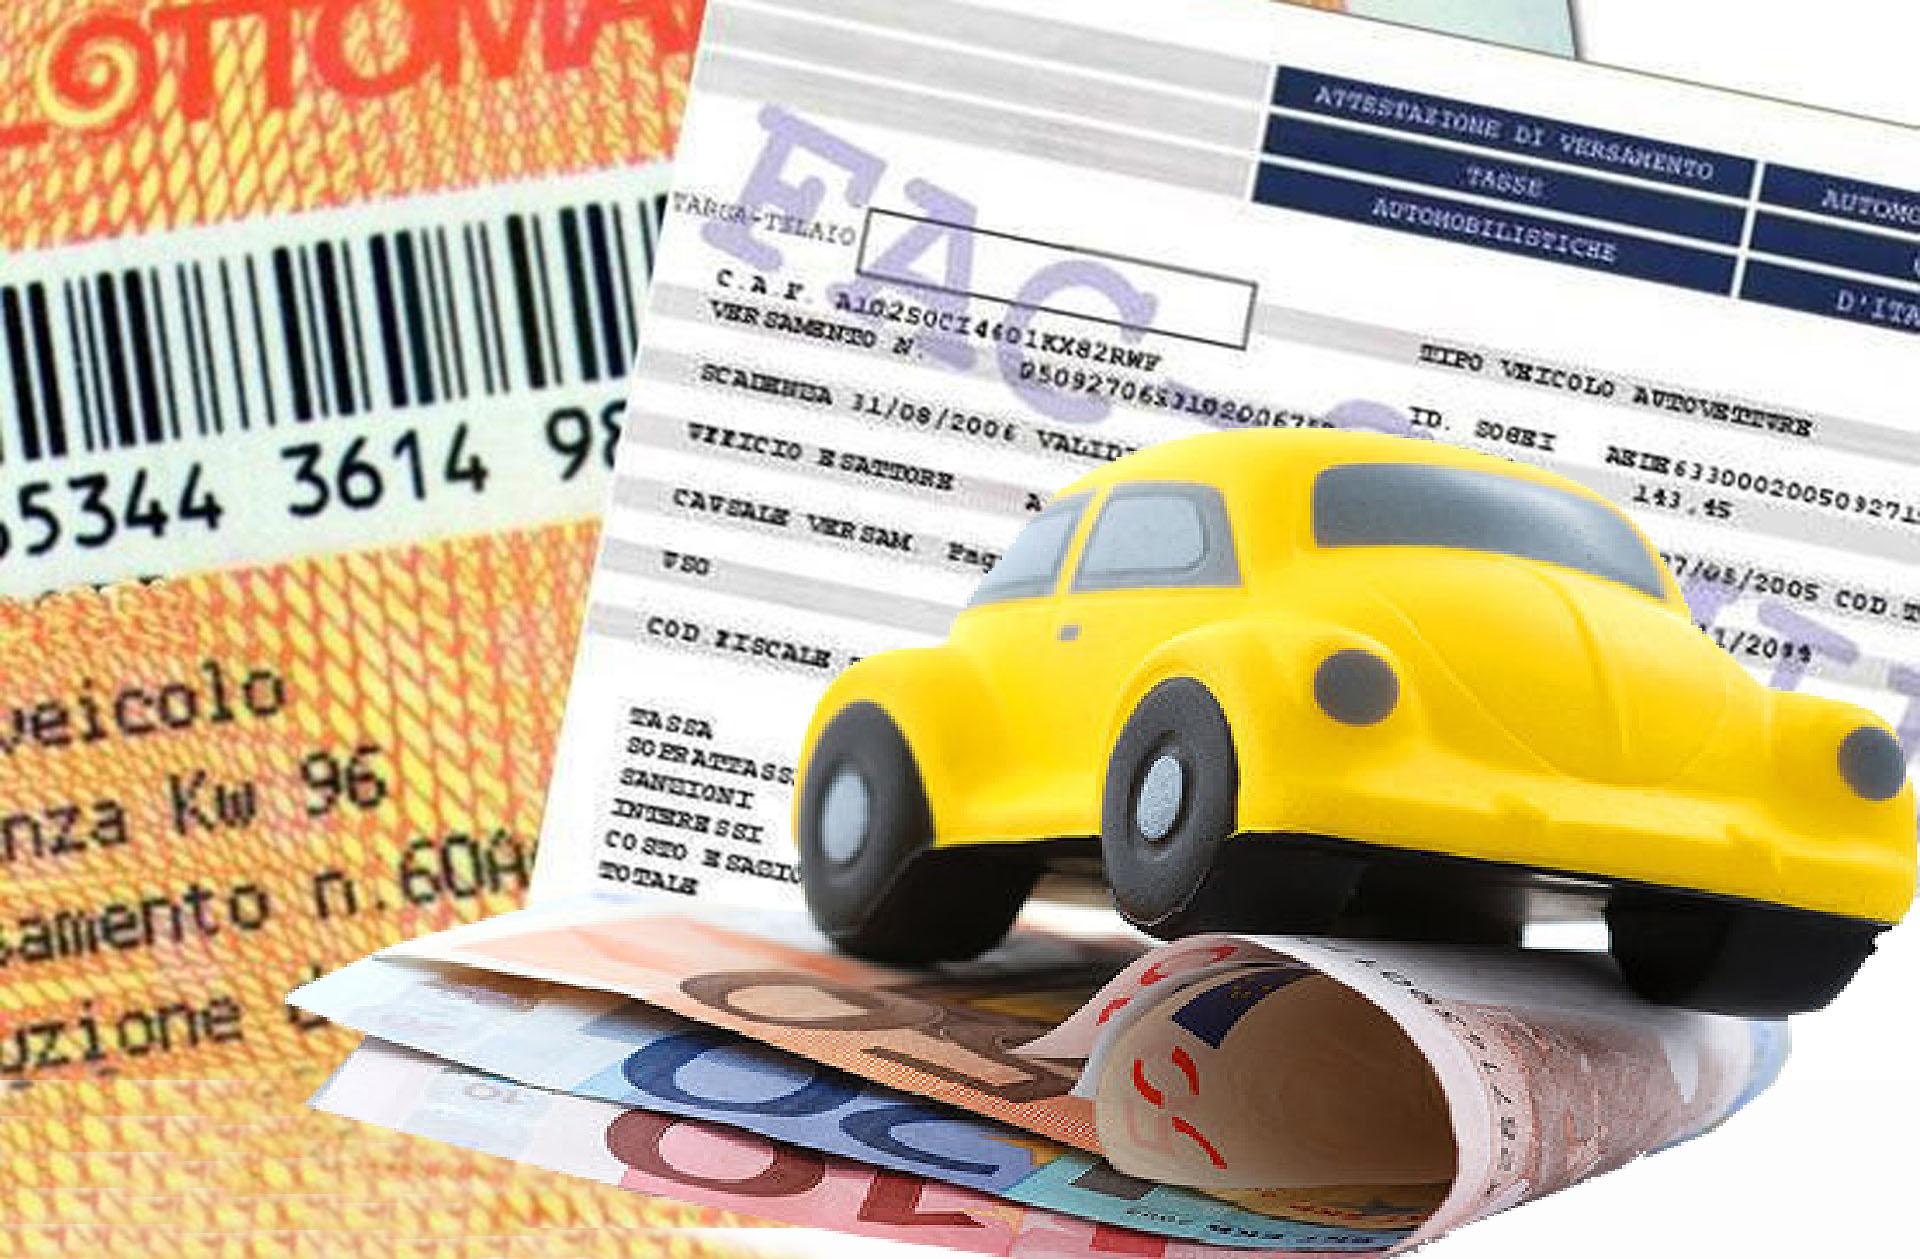 Bollo auto: prelievo forzoso nel conto corrente se non paghi